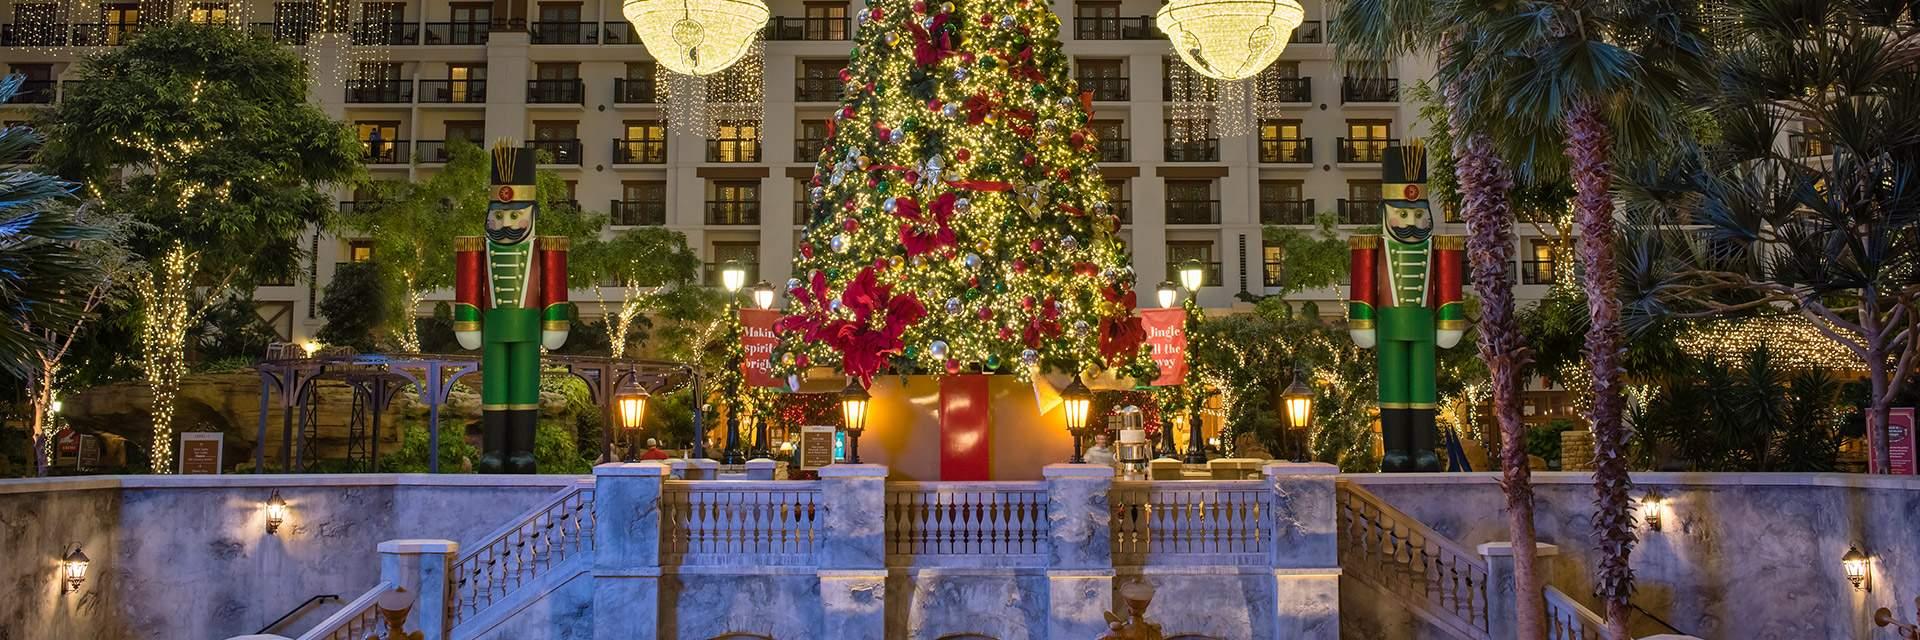 Gaylord Texan Grapevine Christmas Tree